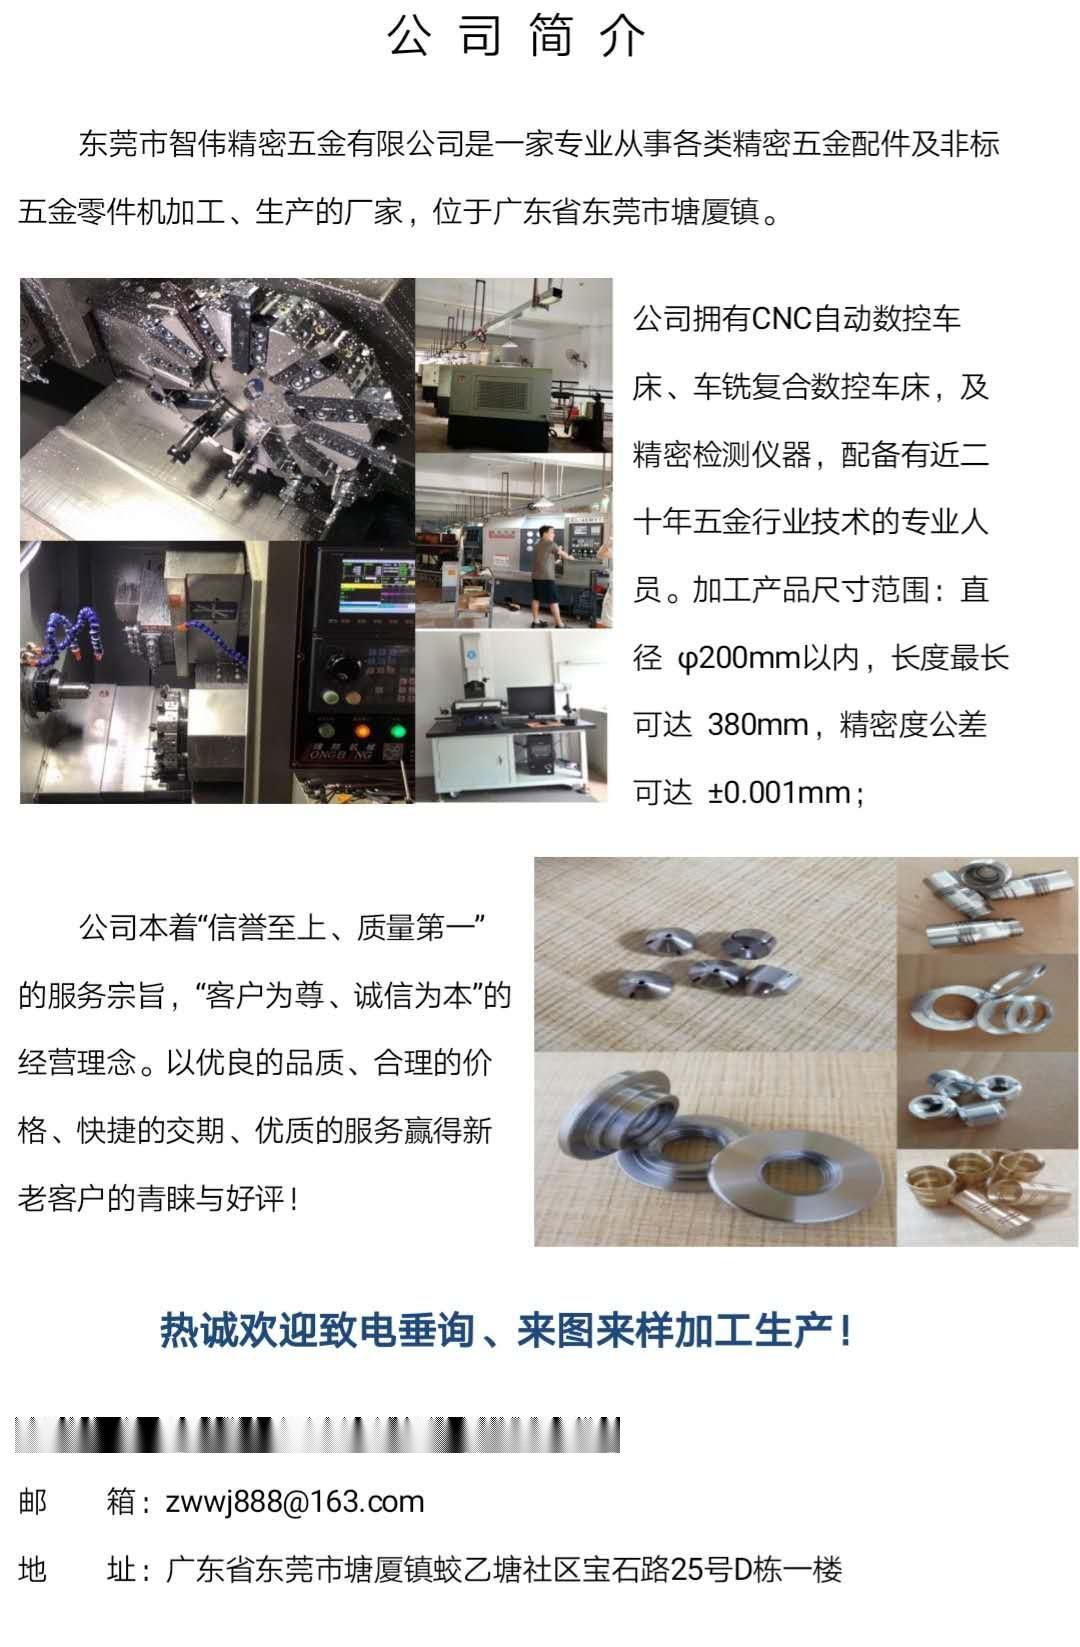 電器五金配件加工生產 家電配件加工 家電定製配件58575192